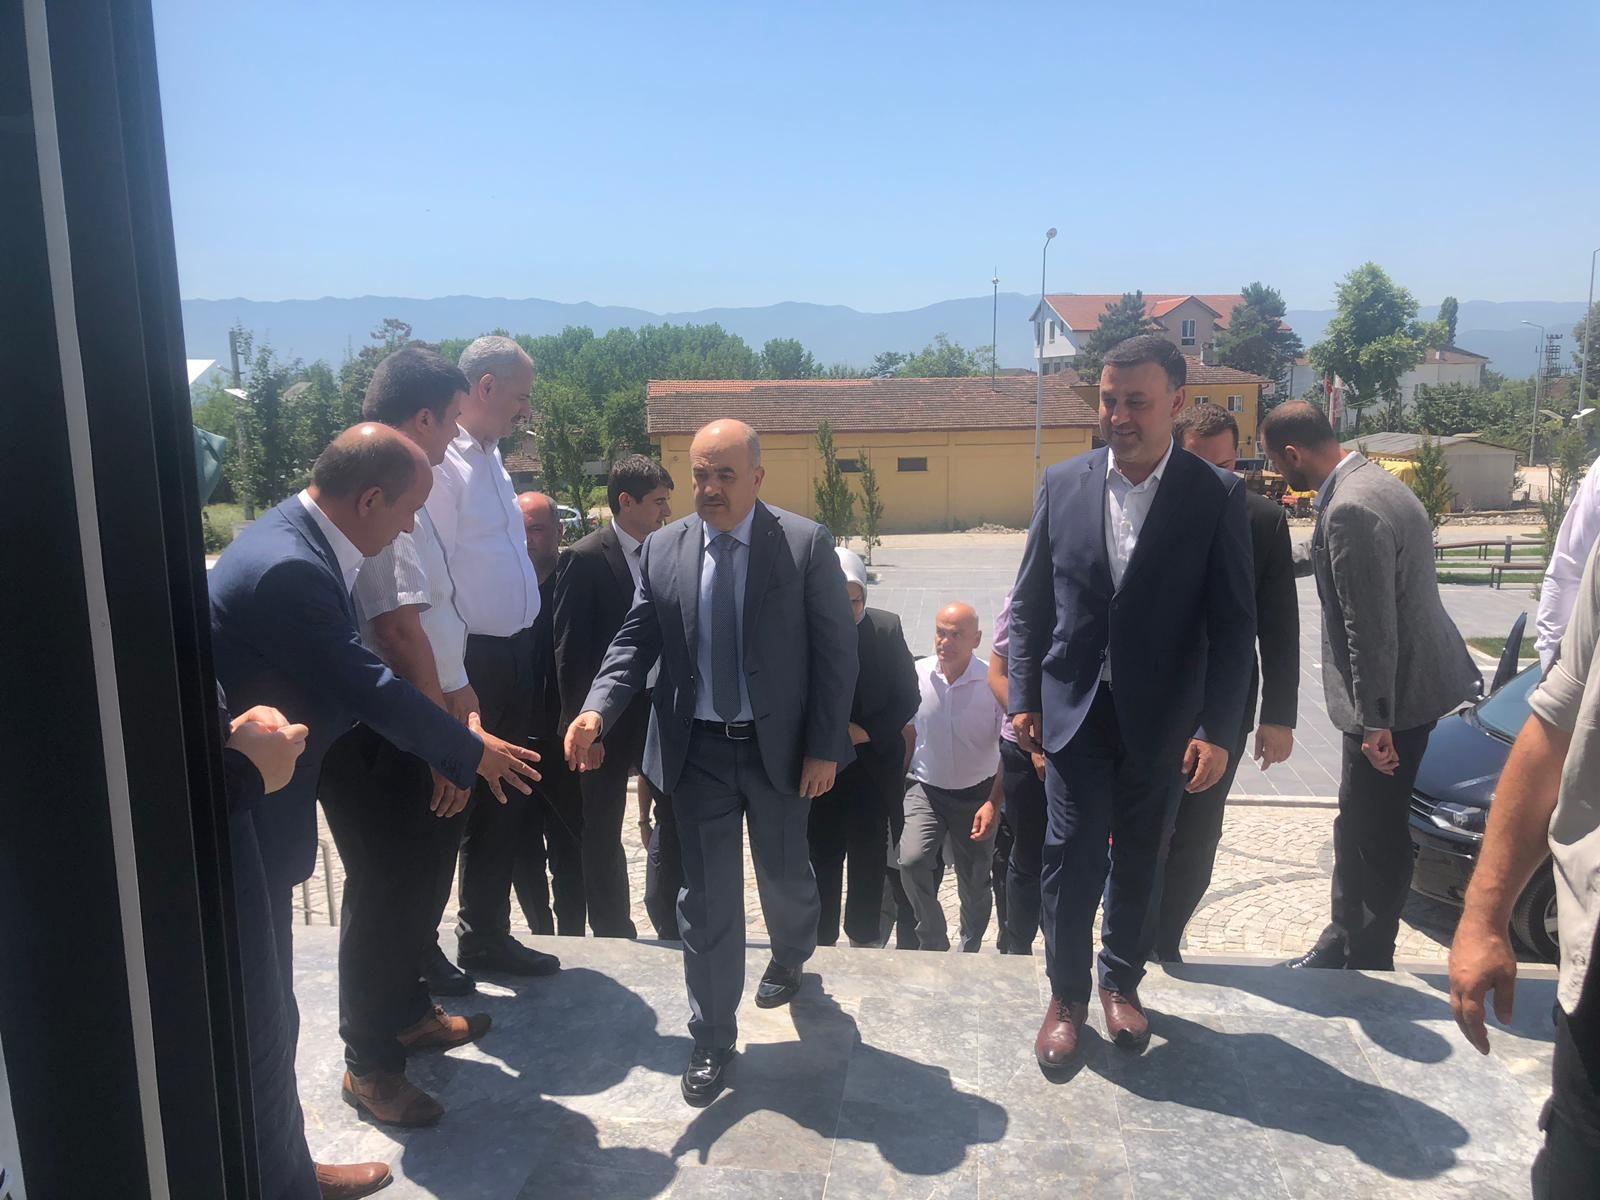 Düzce Valisi Sayın Dr. Zülkif Dağlı Belediyemizi Ziyaret Etti